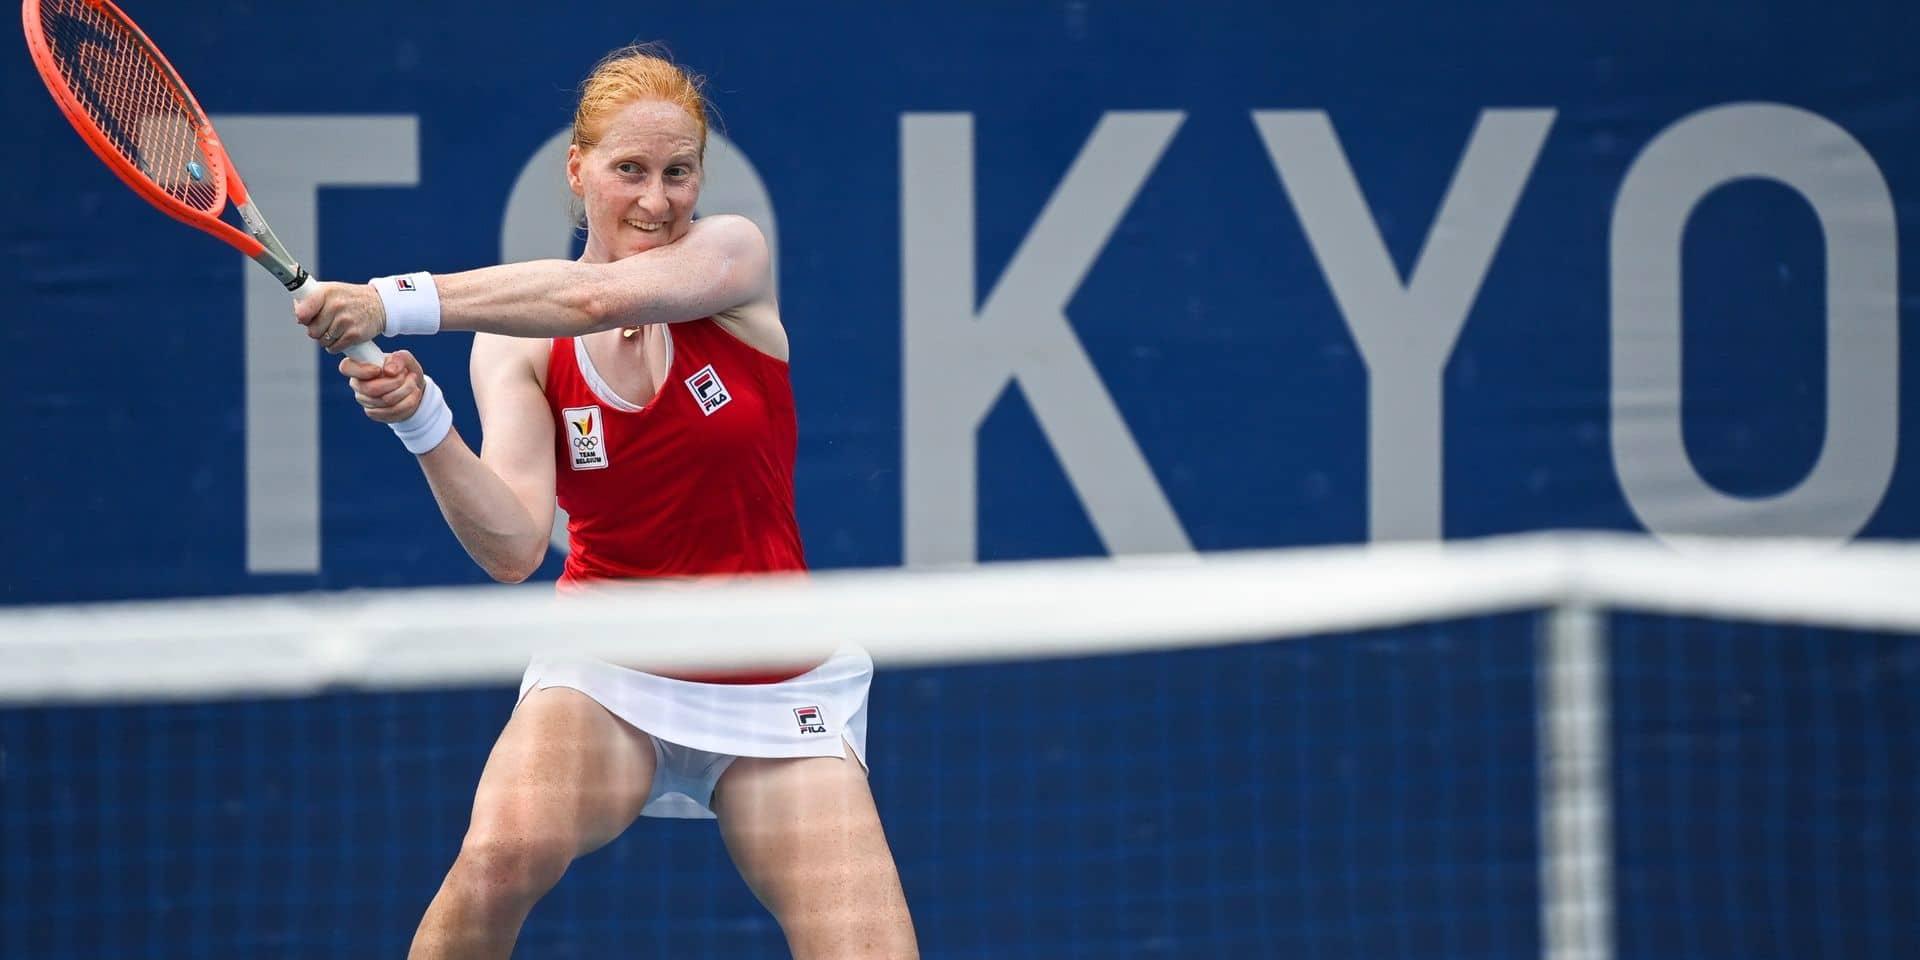 """Van Uytvanck se qualifie pour les demi-finales à Nur Sultan: """"J'ose être plus entreprenante, venir conclure au filet"""""""